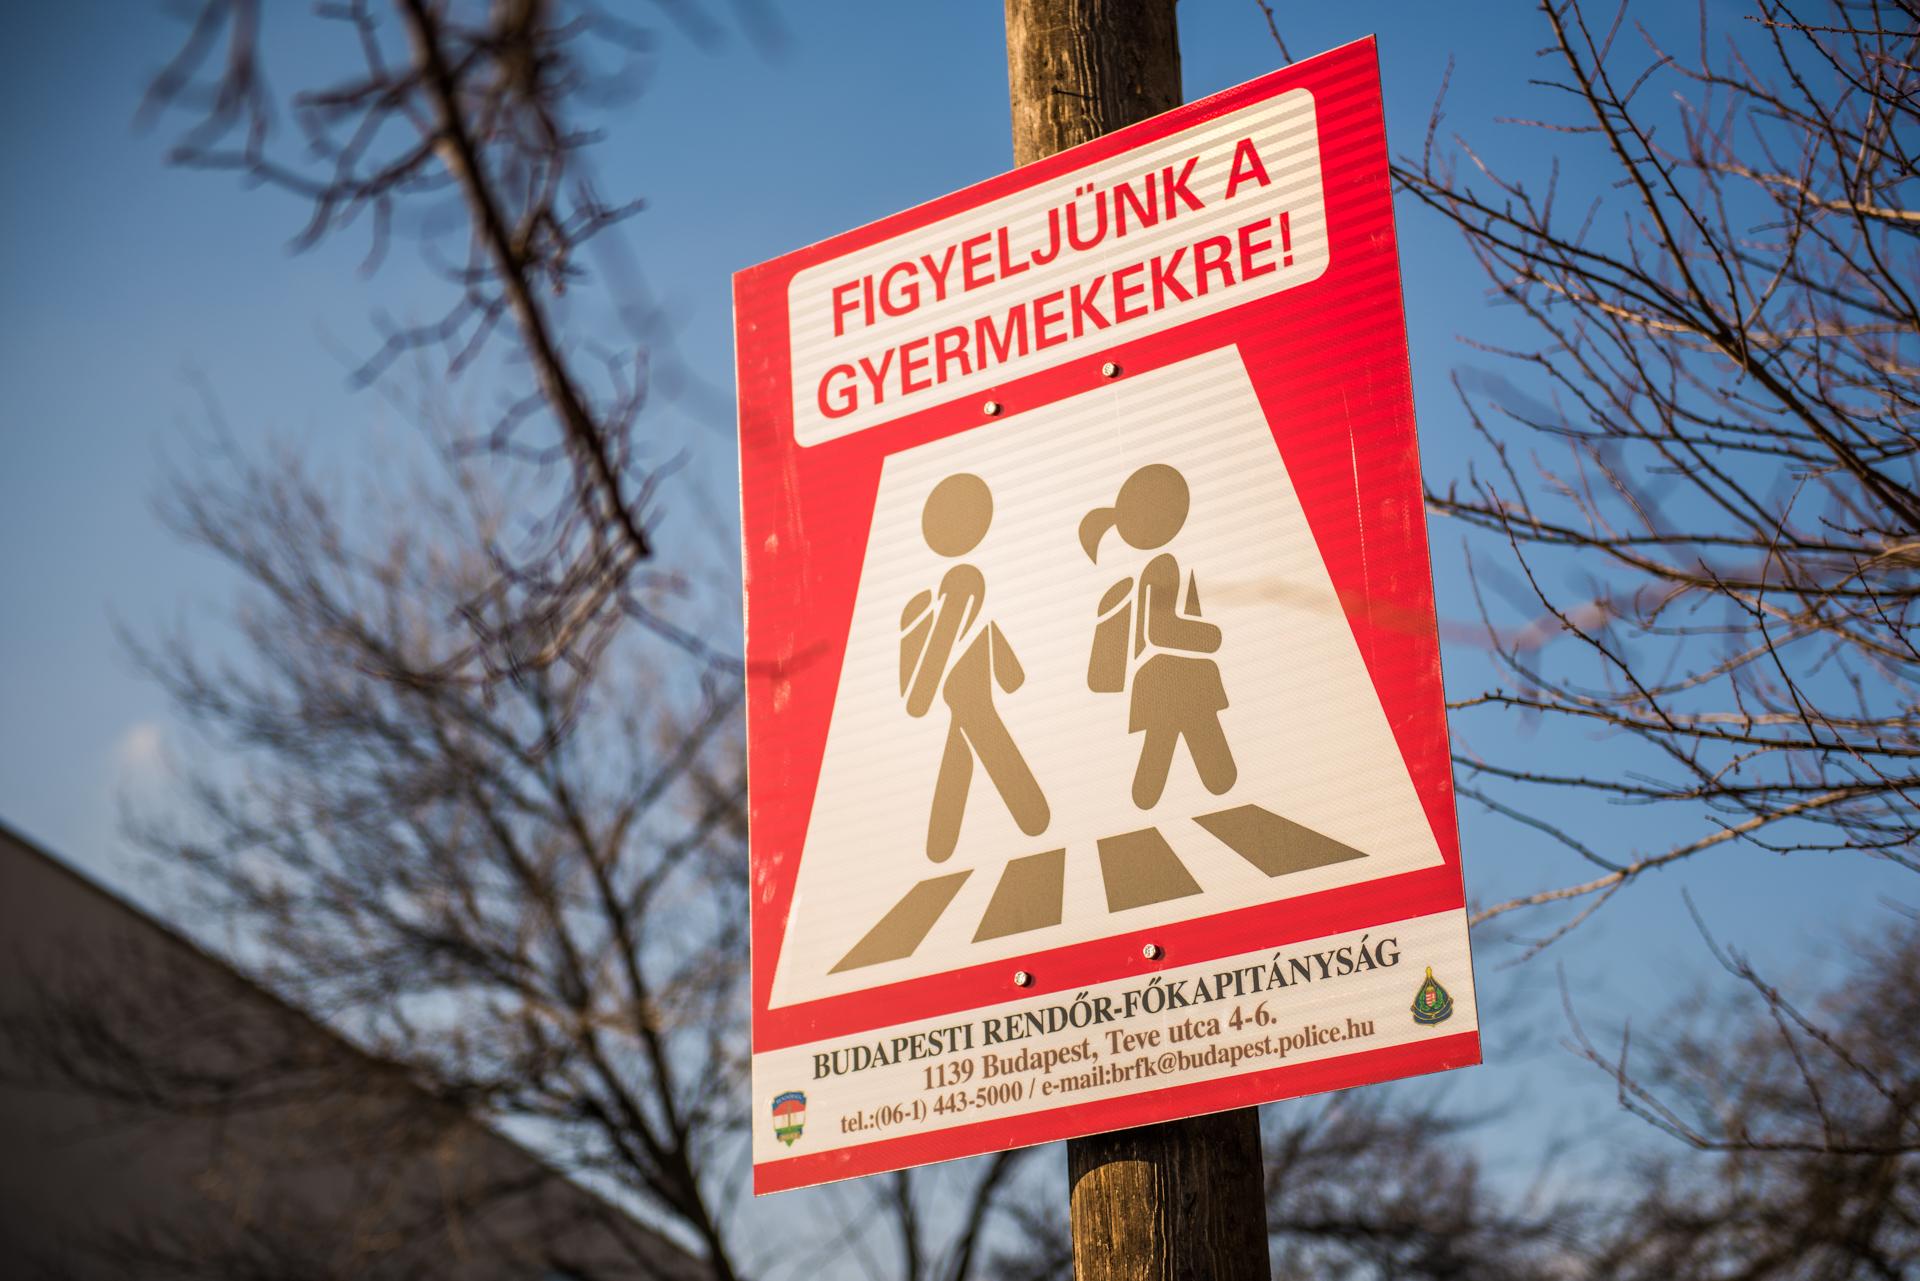 Új közlekedési táblákat helyezett ki a rendőrség az iskolák és óvodák környékén